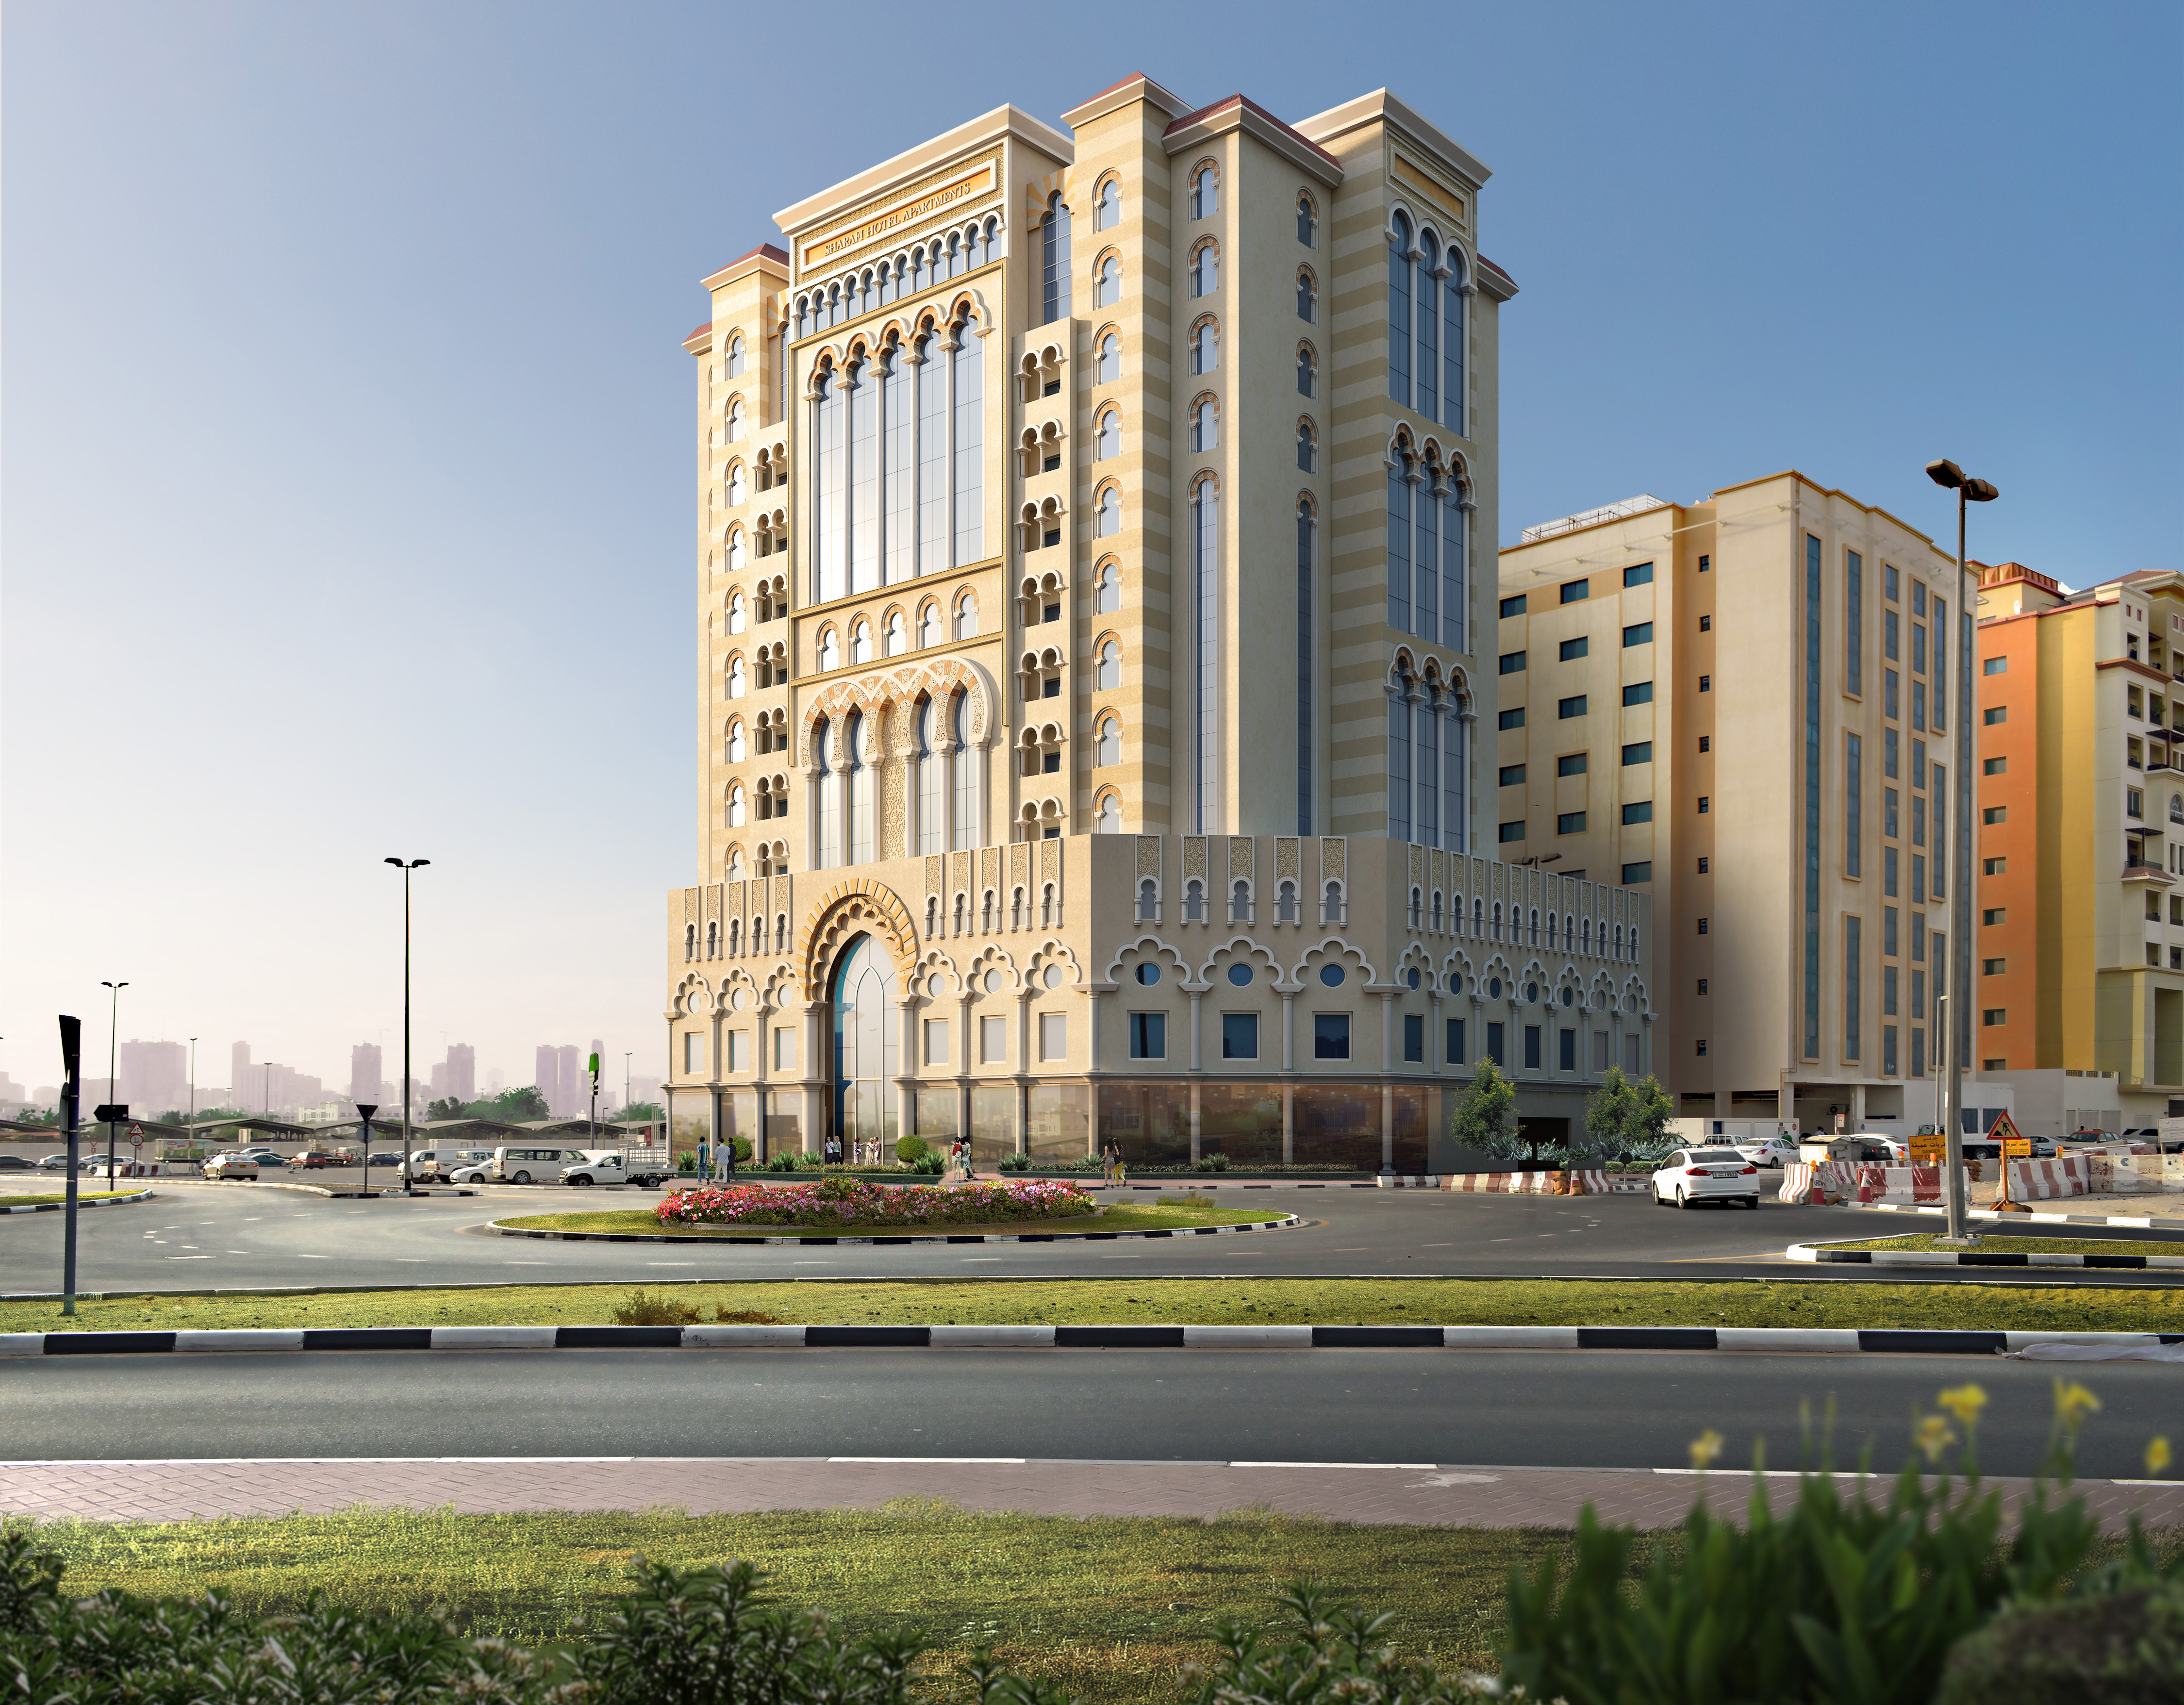 Sharafi Hotel at Muhaisanah